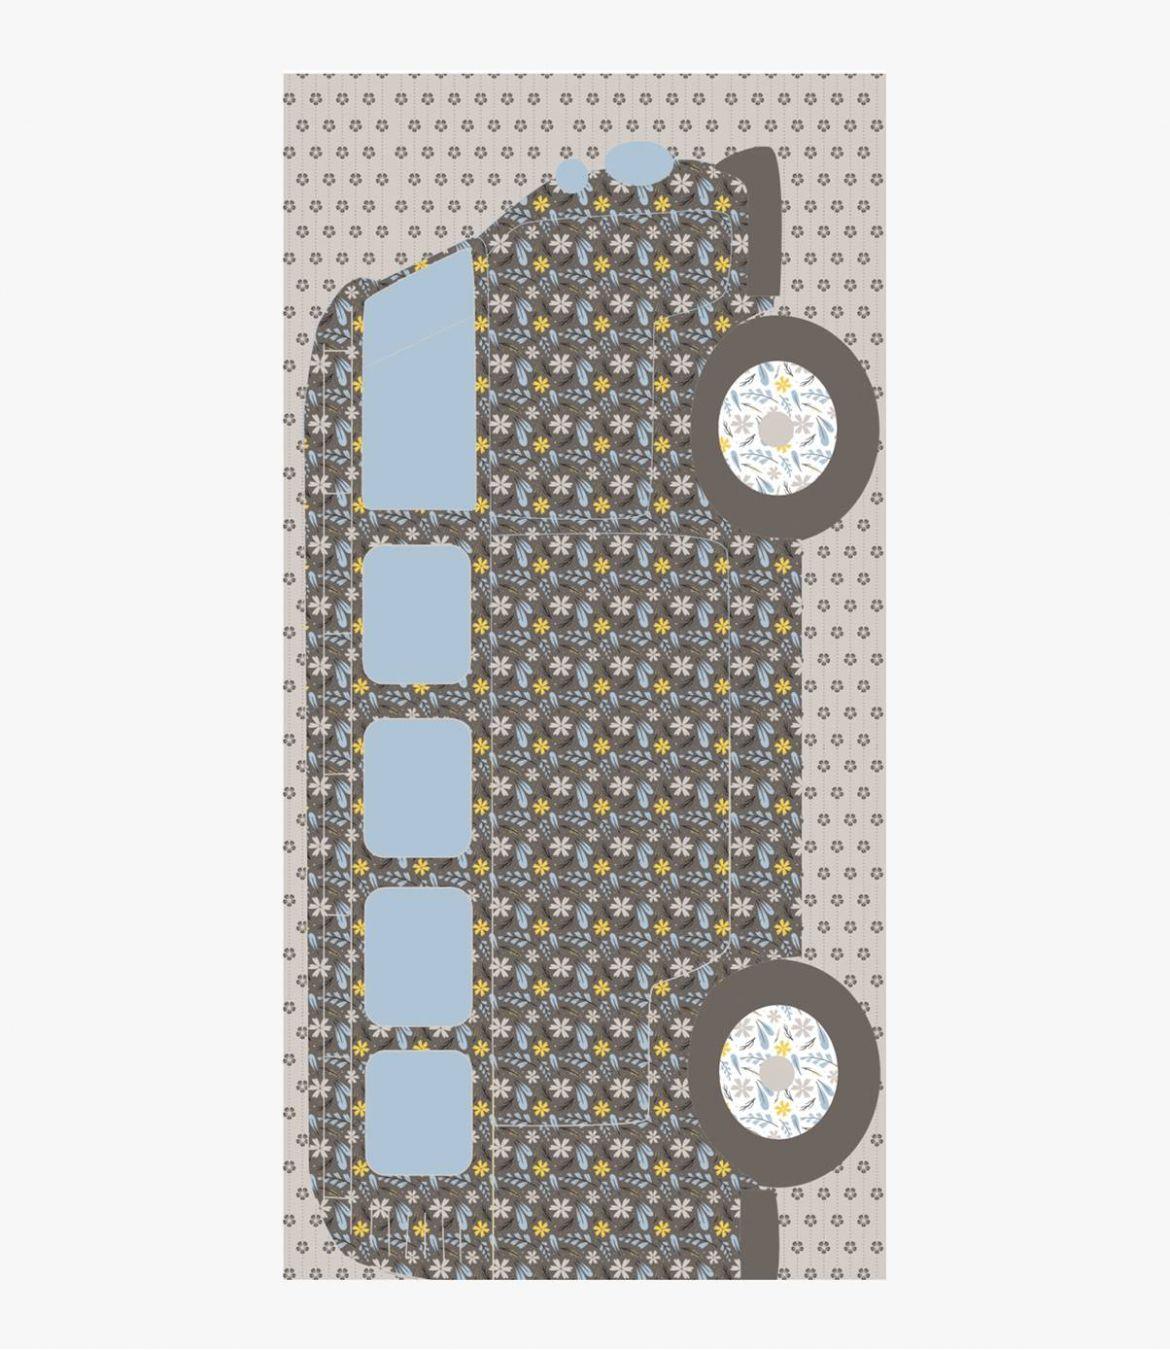 DAVIS Foulard en Coton pour Homme 100x200 cm Storiatipic - 2